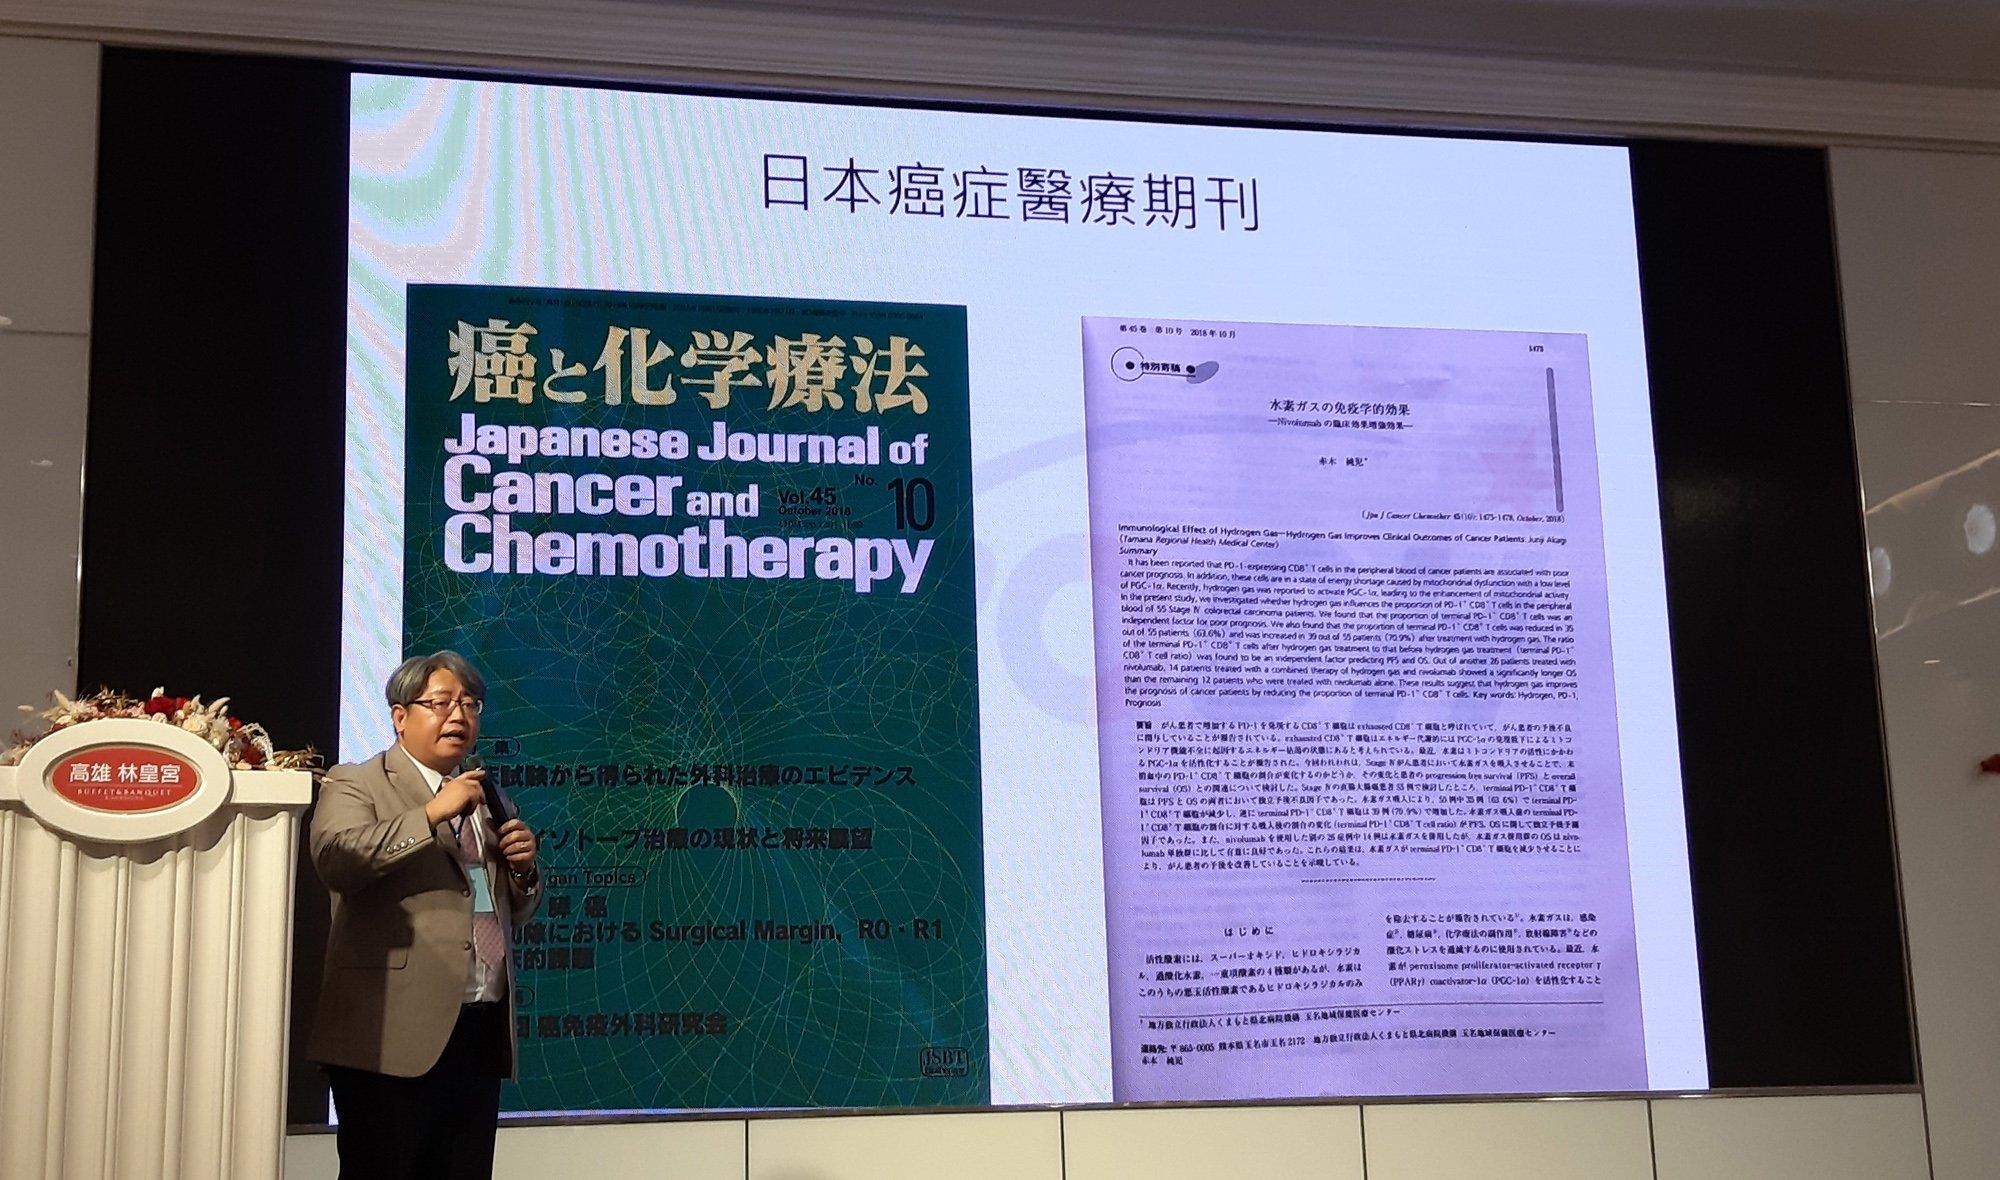 臺灣氫分子醫療促進協會-18 郭和昌教授 解說 氫氣免疫療法讓癌症消失了 新書發表